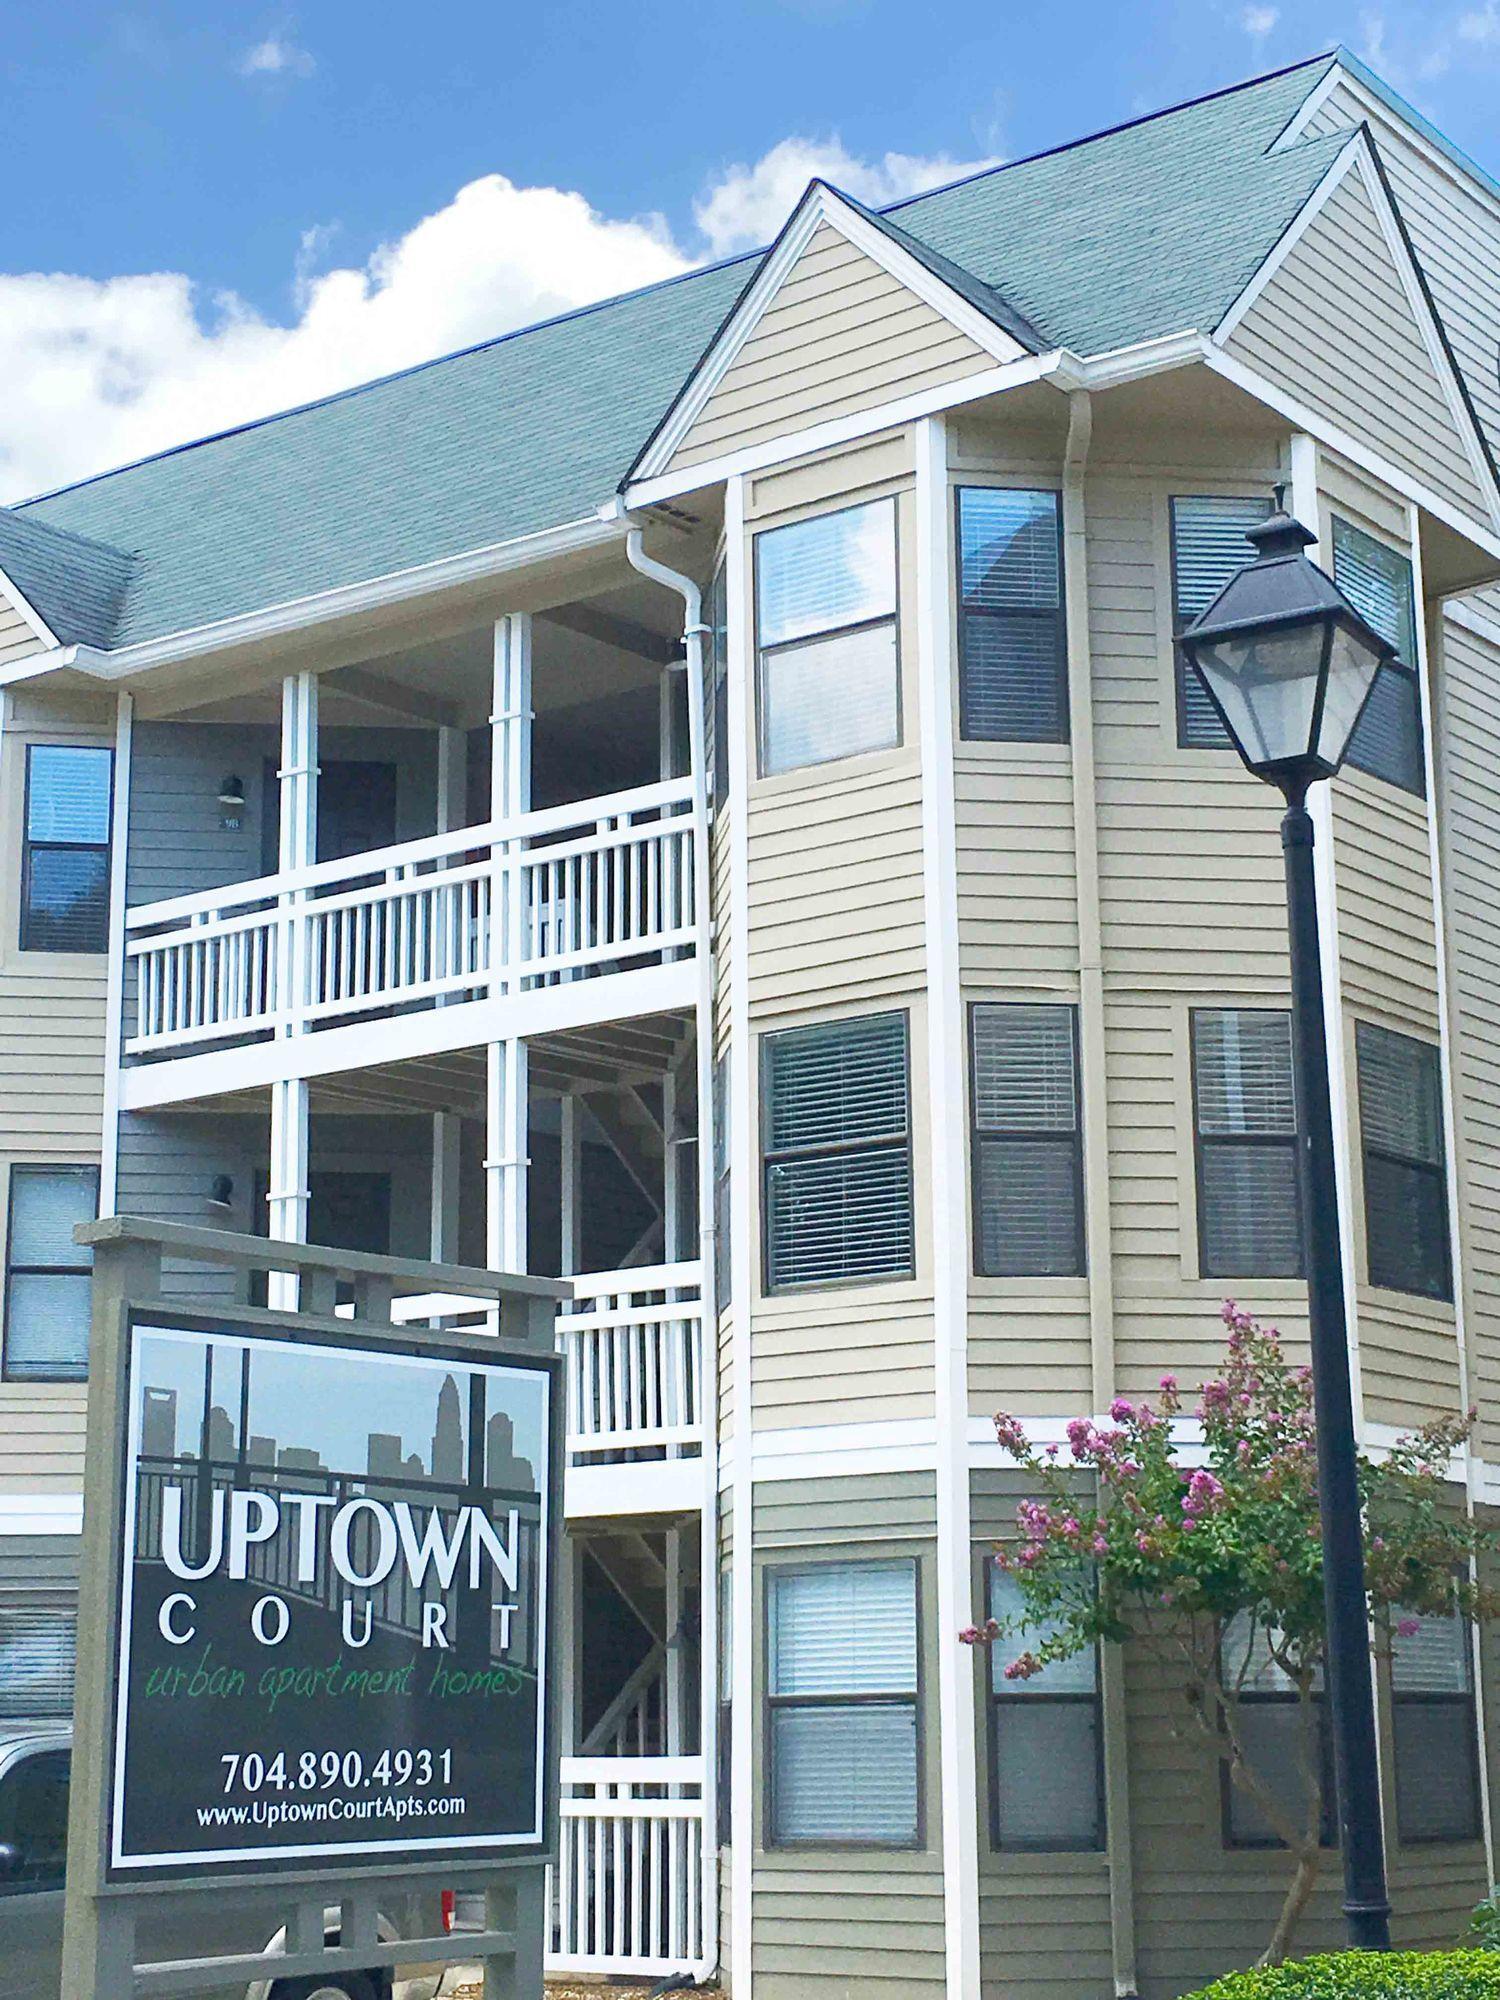 Uptown Court